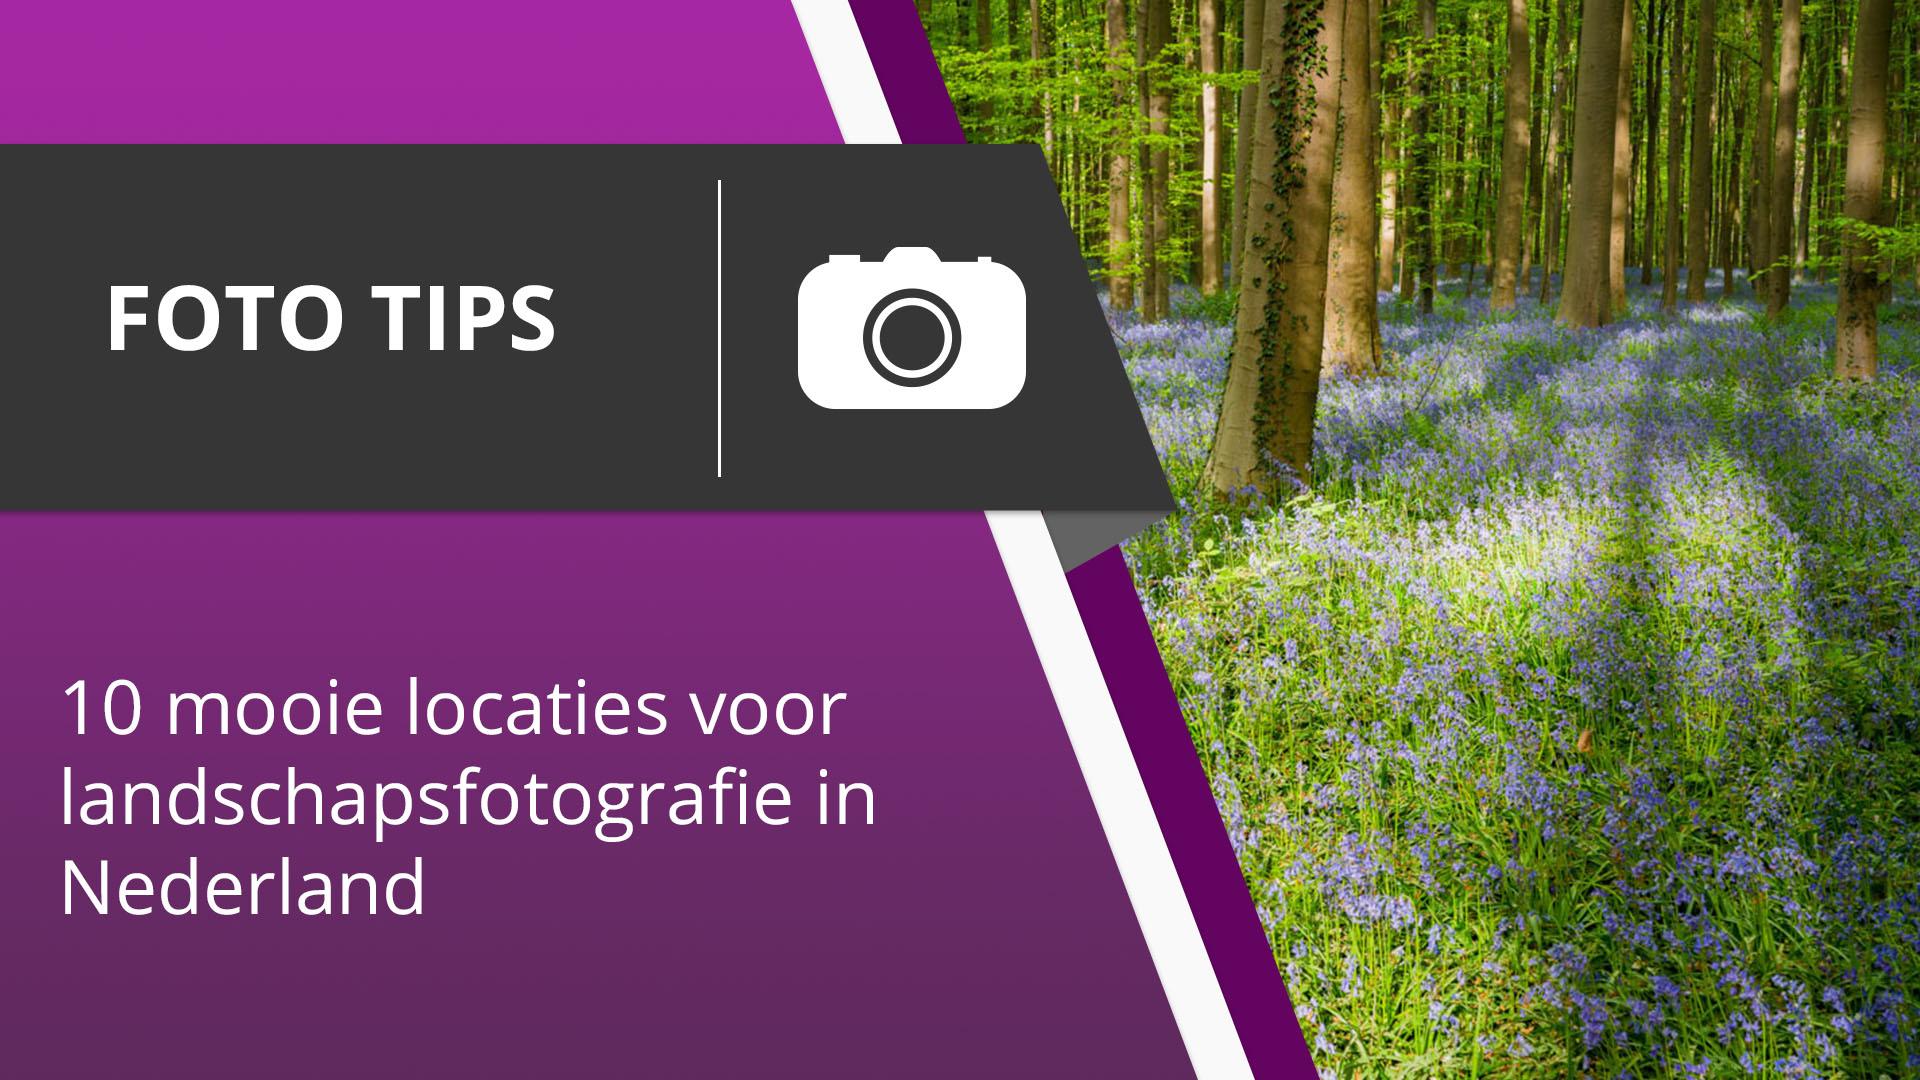 10 mooie locaties voor landschapsfotografie in Nederland